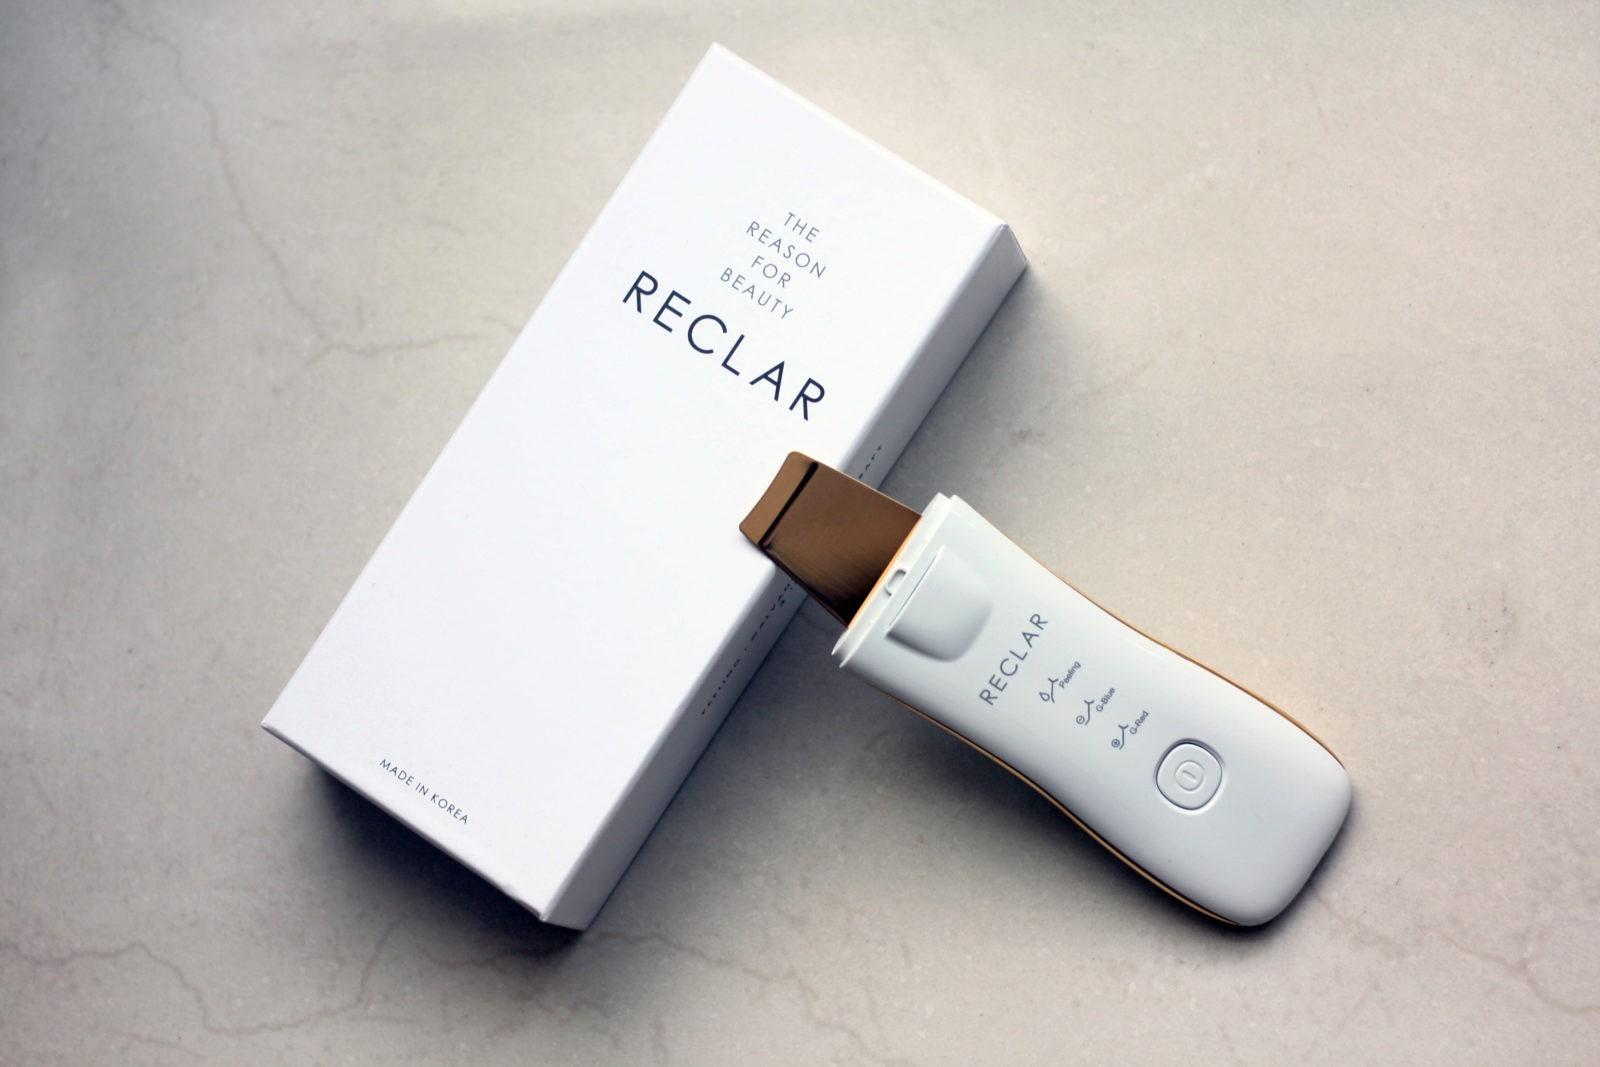 Reclar